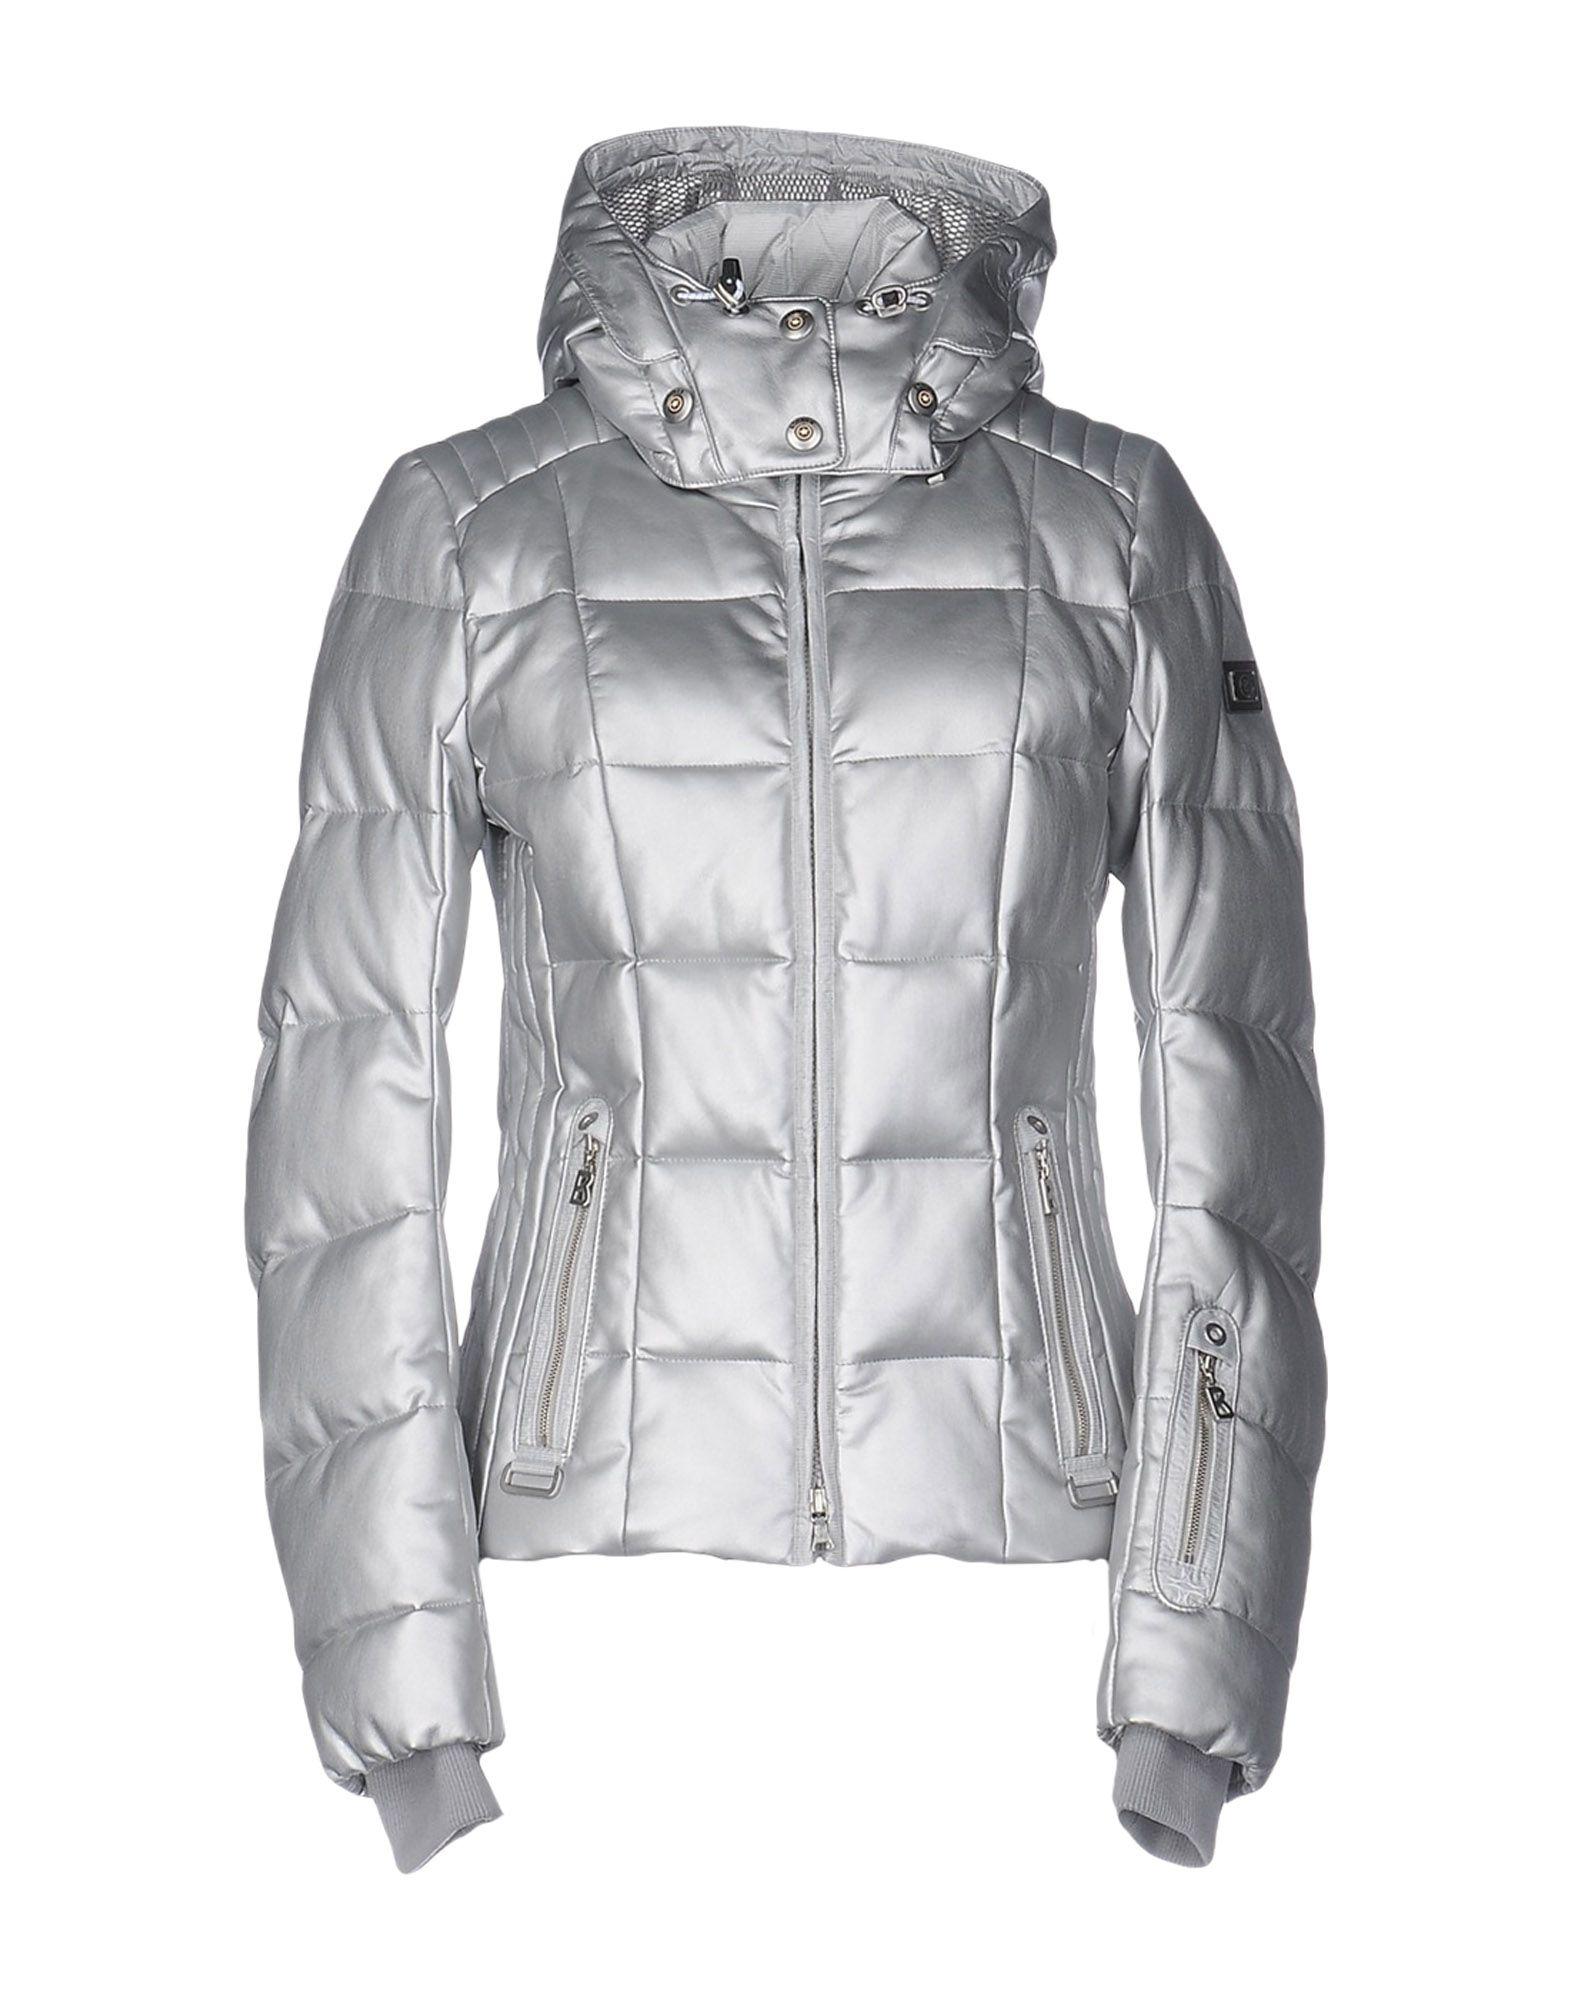 Veste ski femme argentée